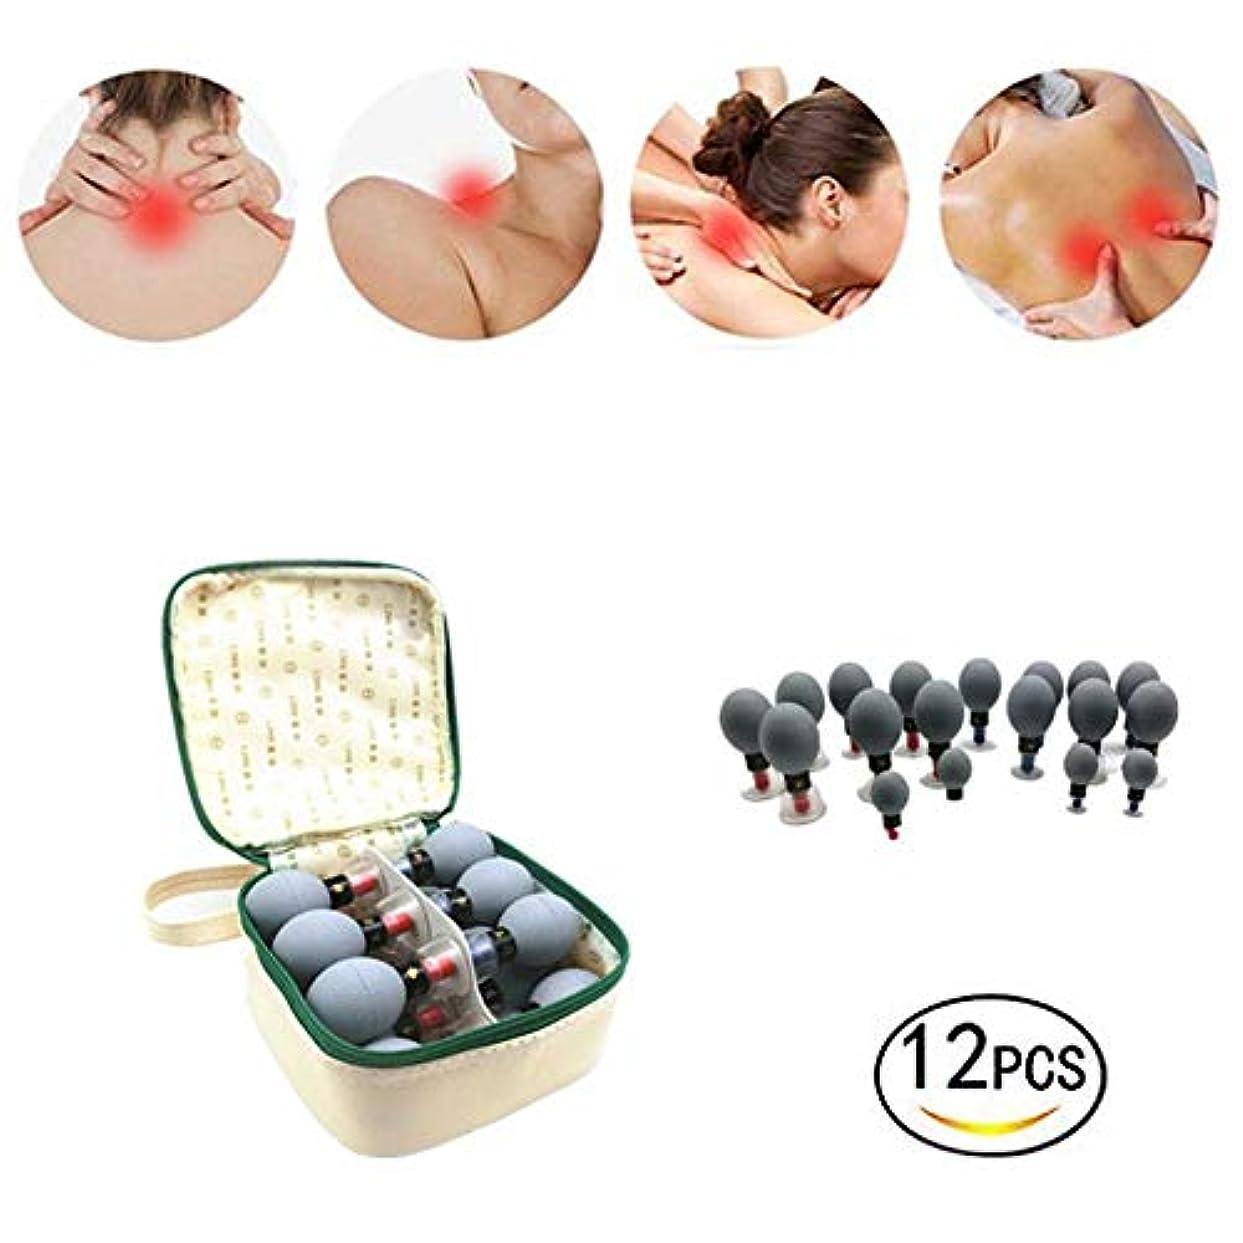 今ネクタイ弱めるカッピングセット、サクションカップセットカッピング、鍼療法理学療法、マッサージ筋肉の関節痛緩和,12Pcs